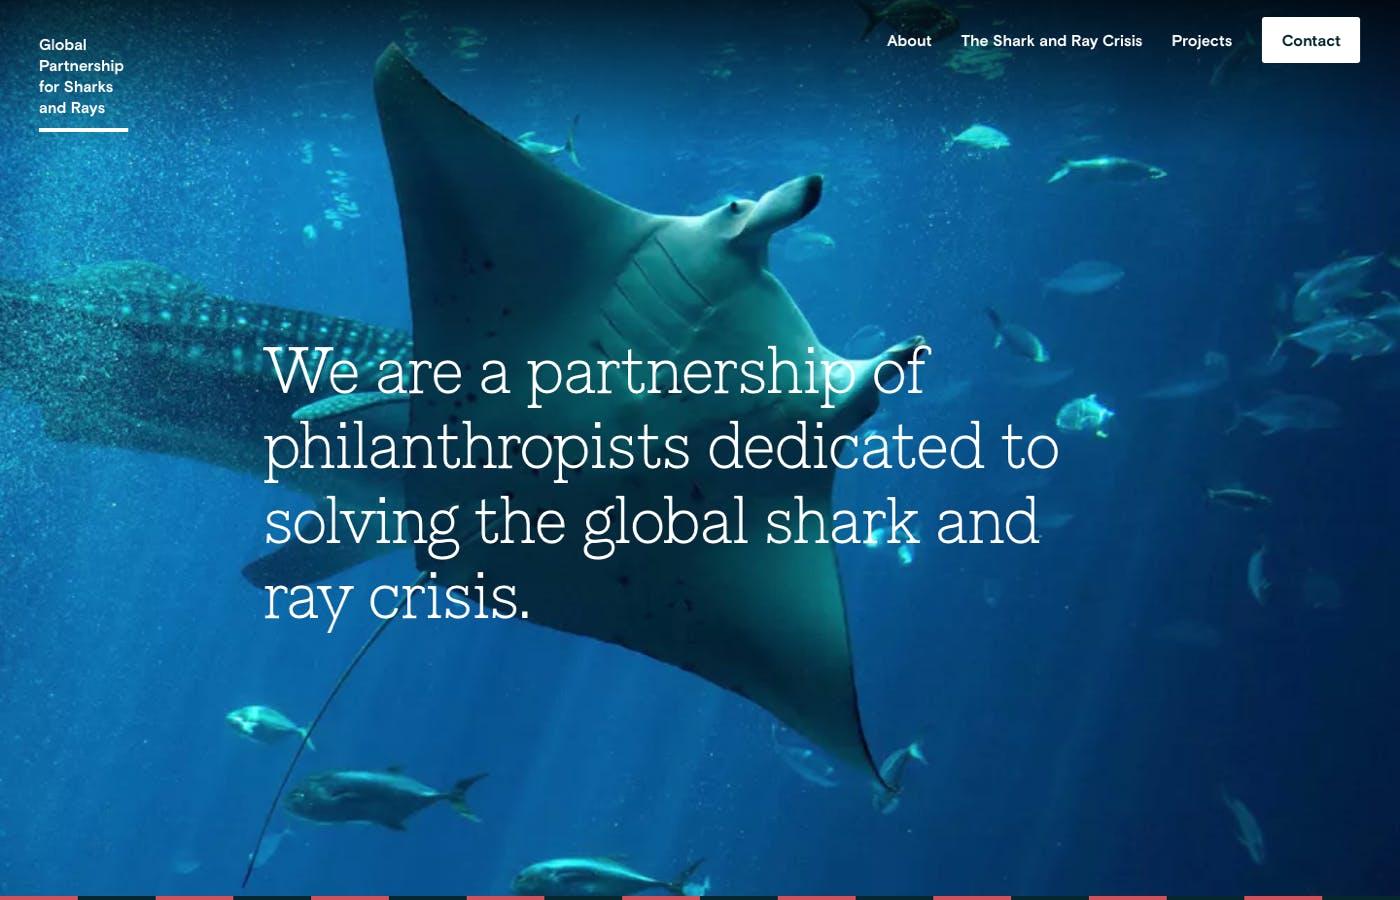 Global Partnership for Sharks and Rays